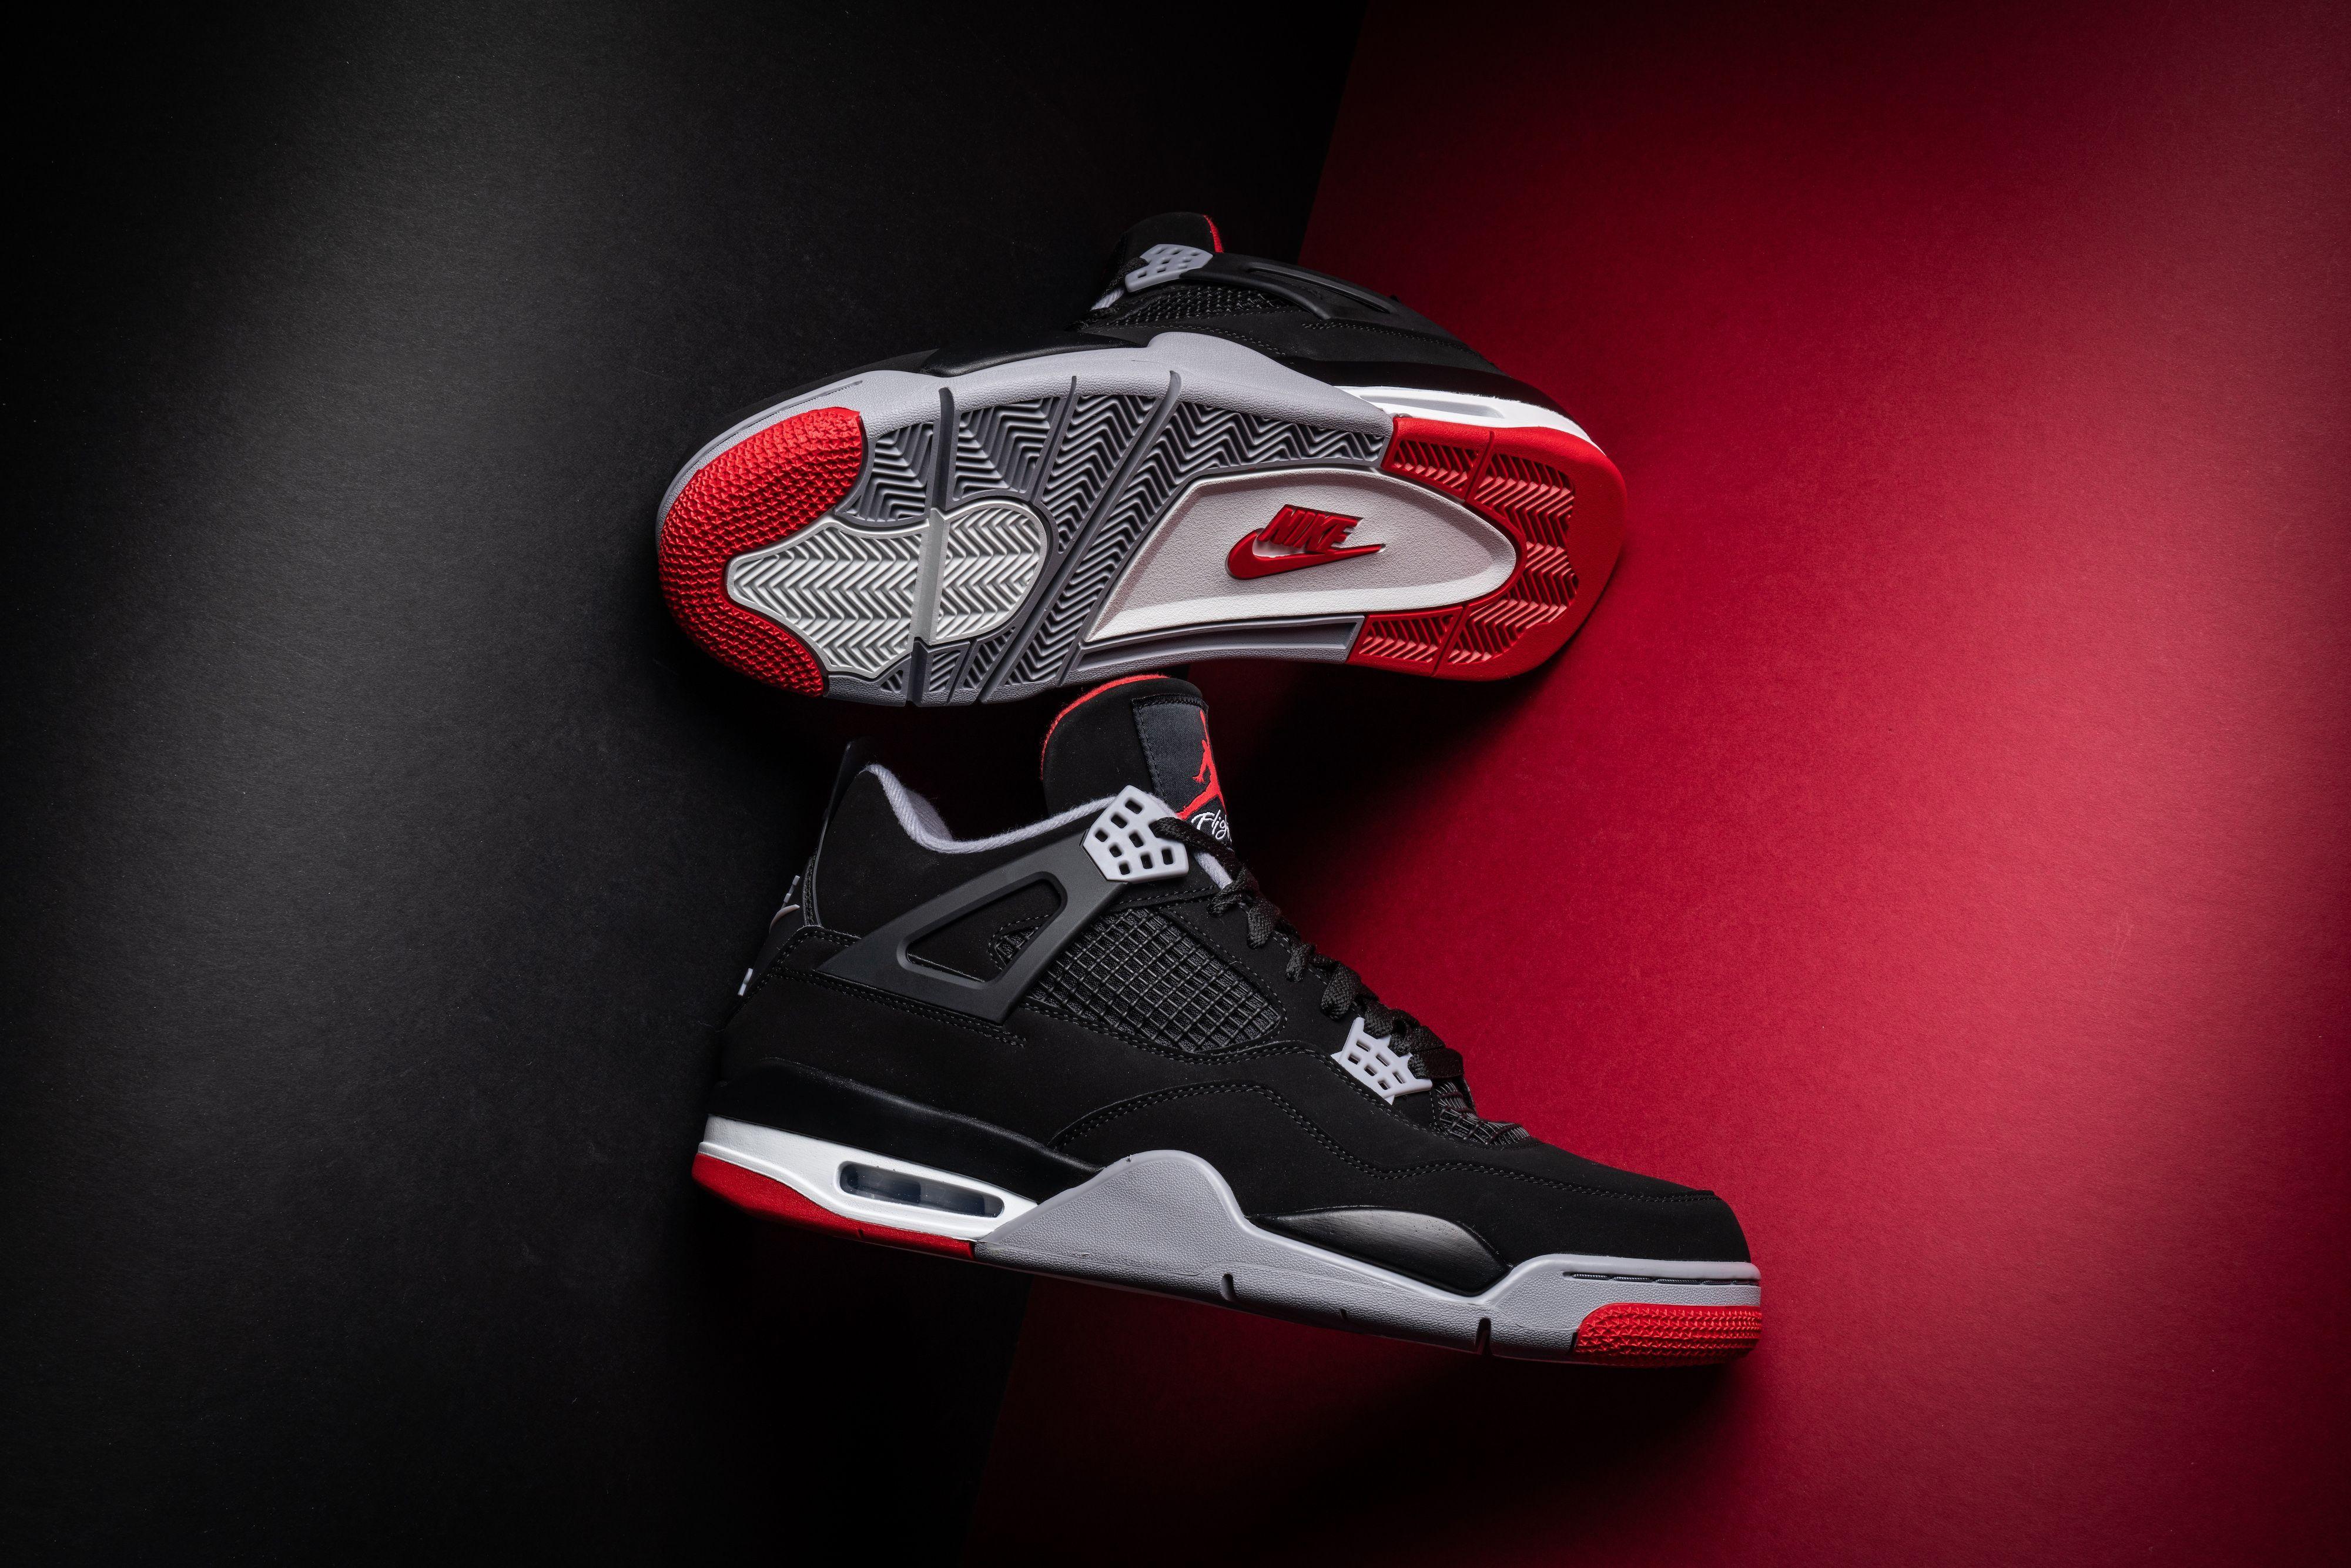 Air Jordan 4 Retro Bred 2019 Release 308497 060 2019 In 2020 Air Jordans Jordan 4 Jordans